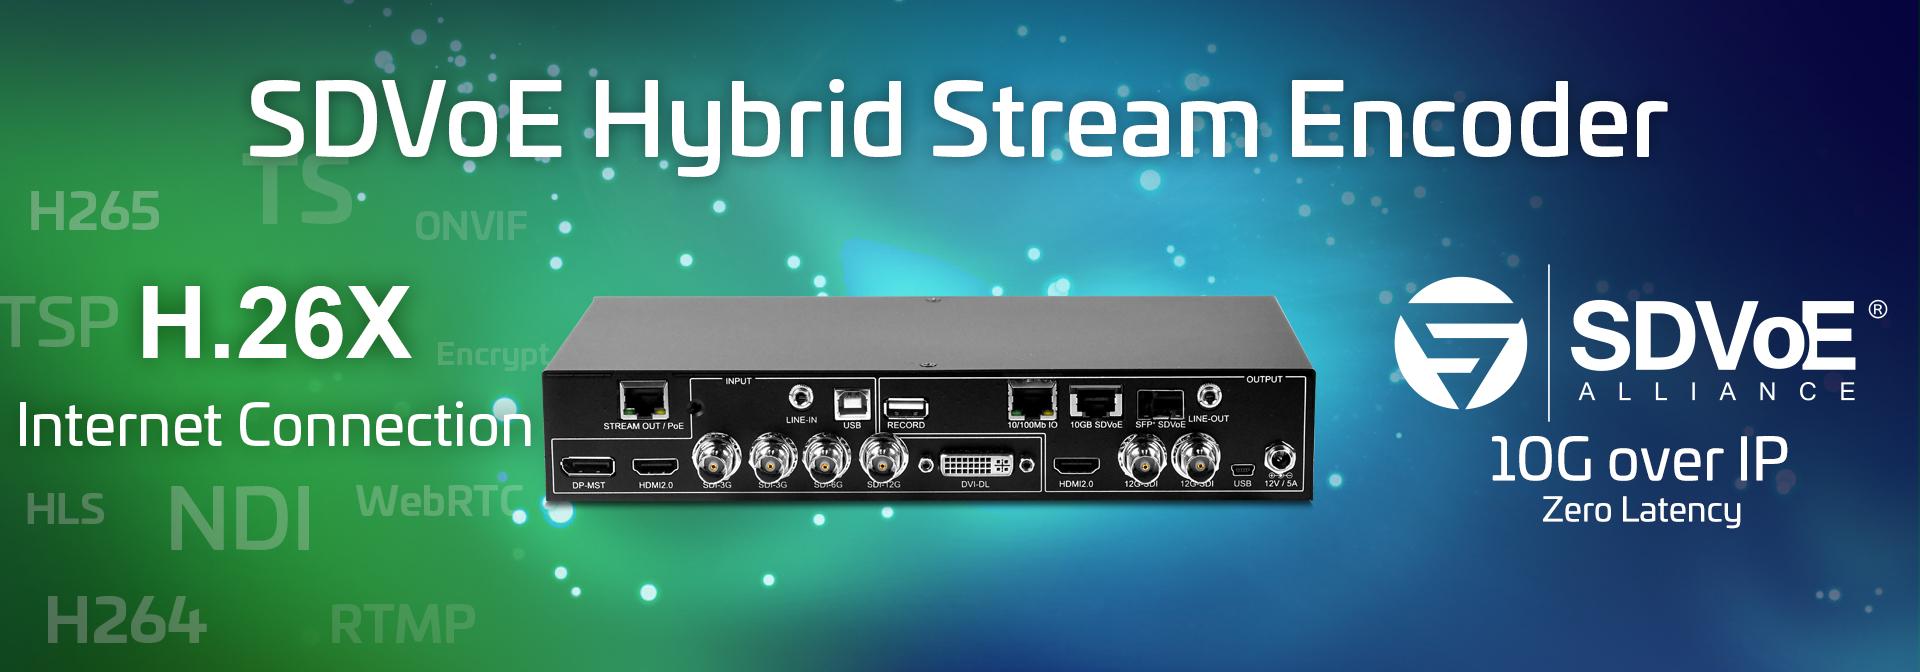 SDVoE Hybrid Stream Encoder